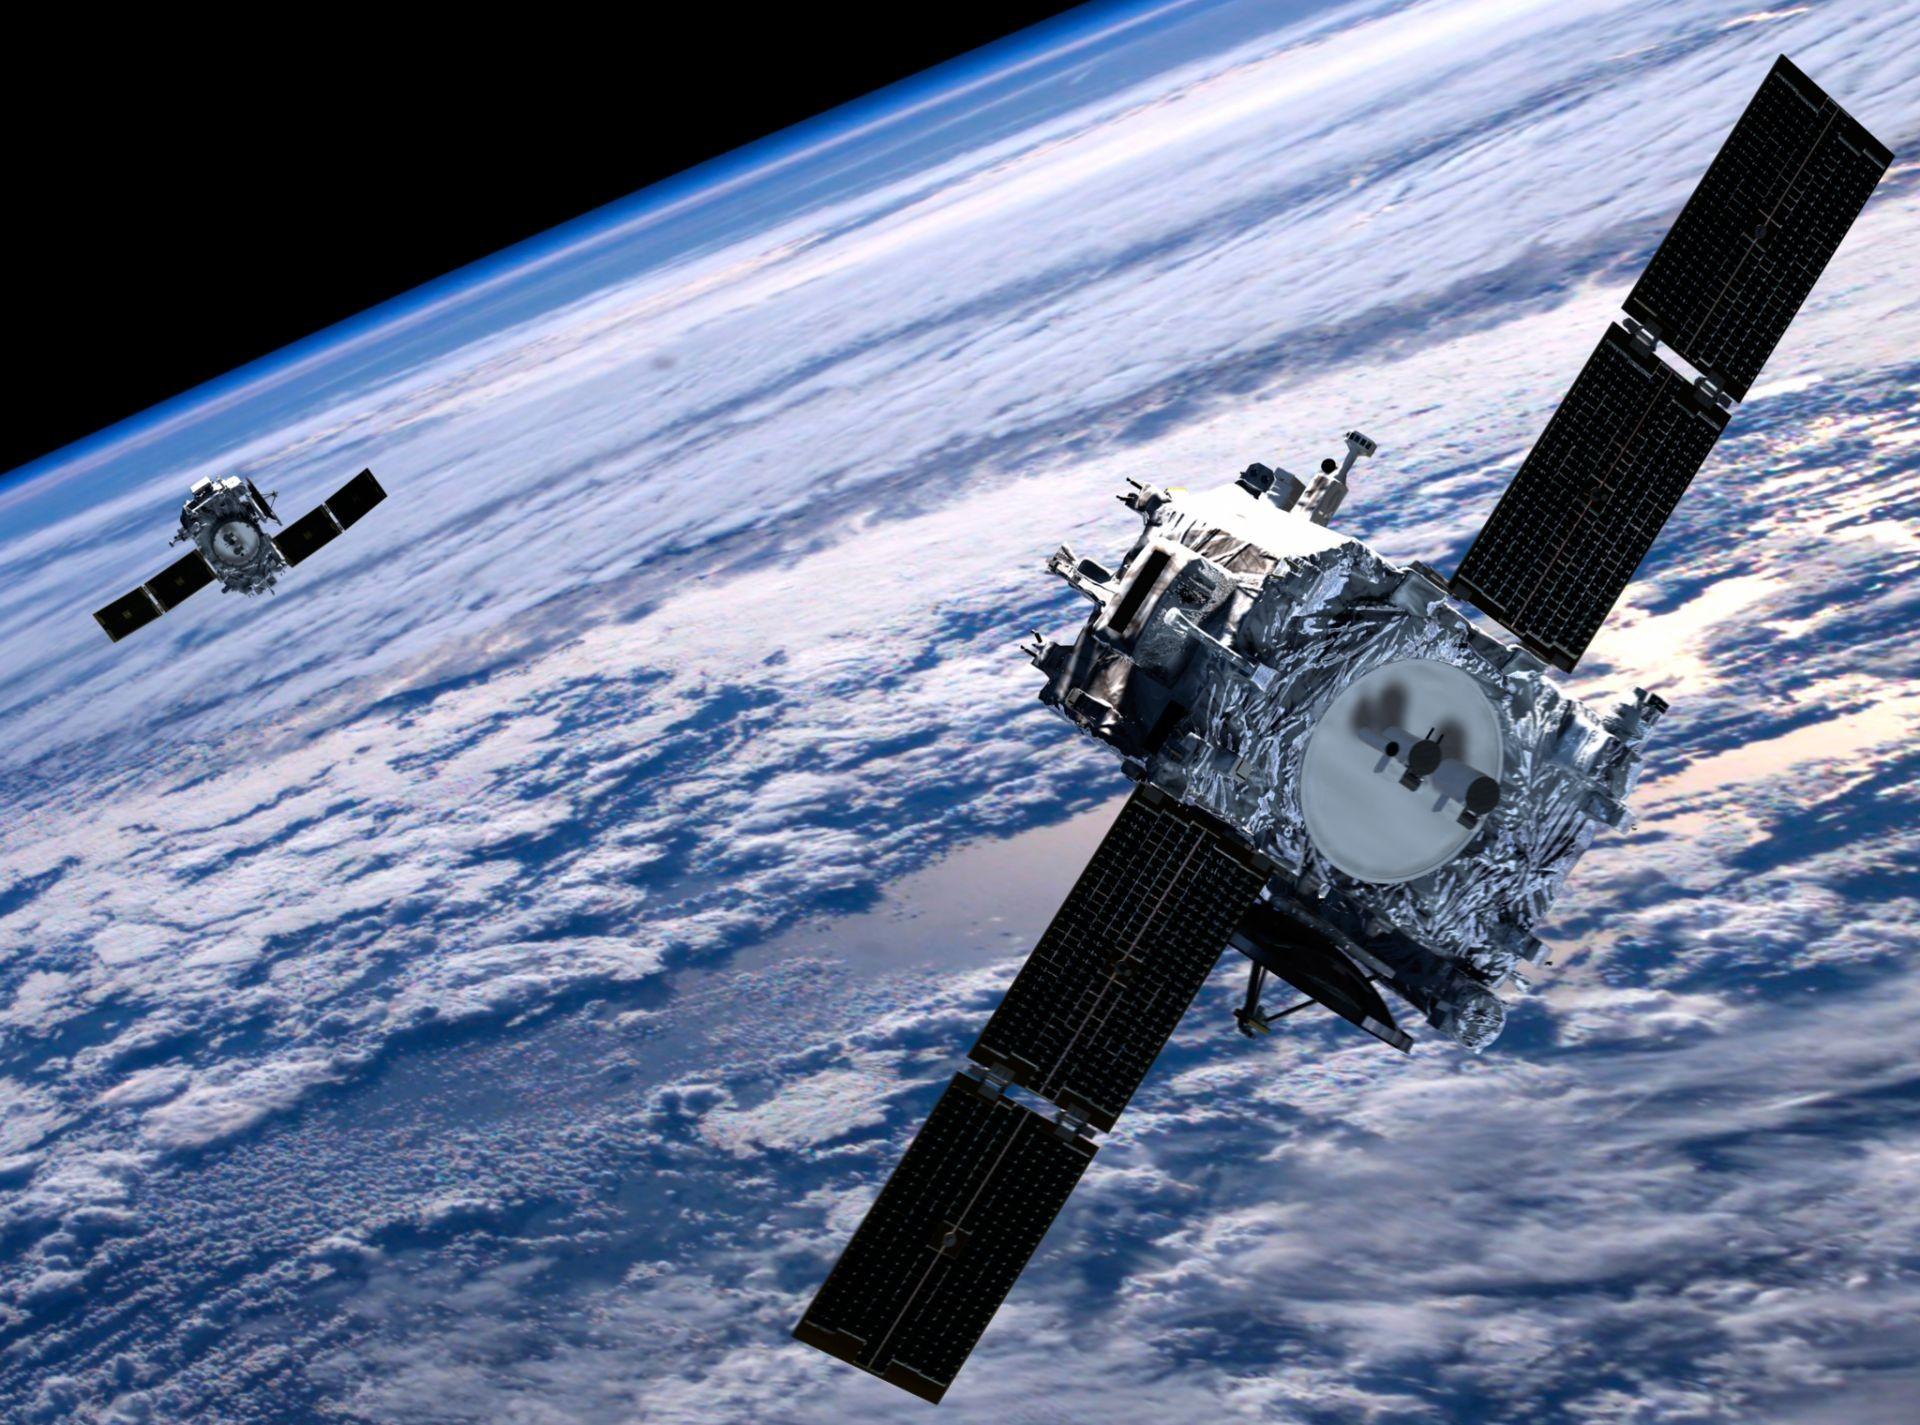 Впервые частная фирма России продала два спутника на орбите в США